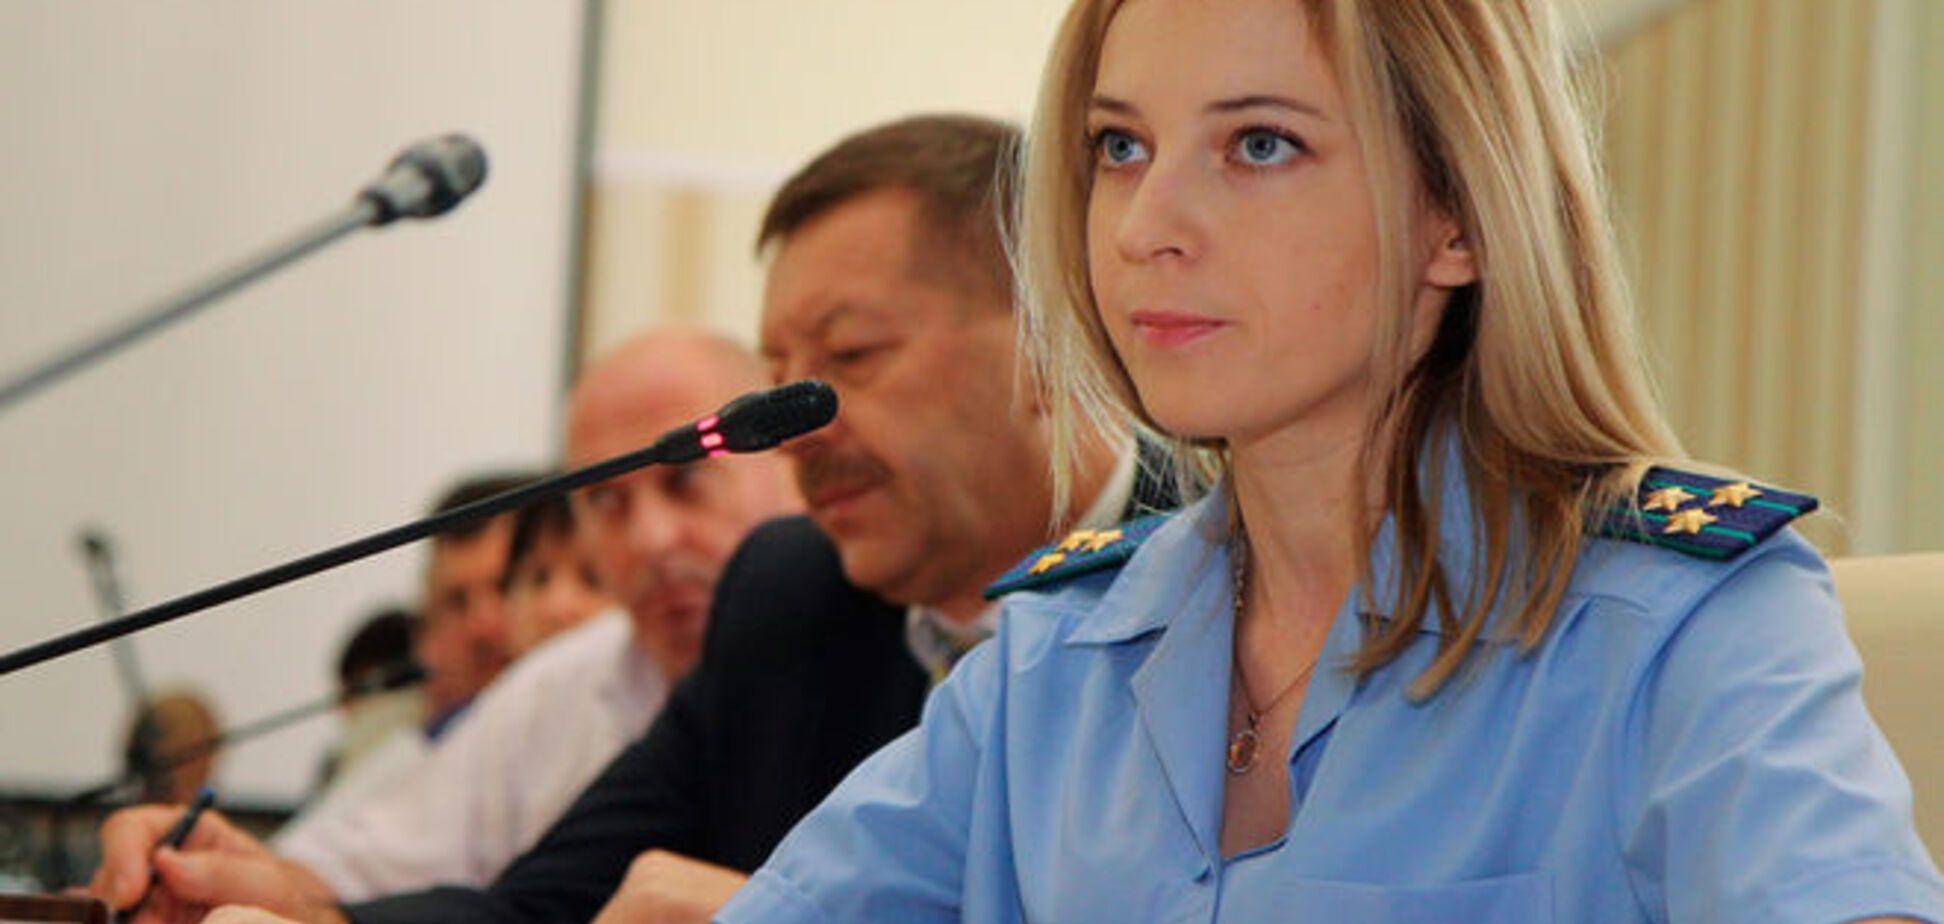 Суровая прокурор-'няша' решила посадить майдановца на 4 года